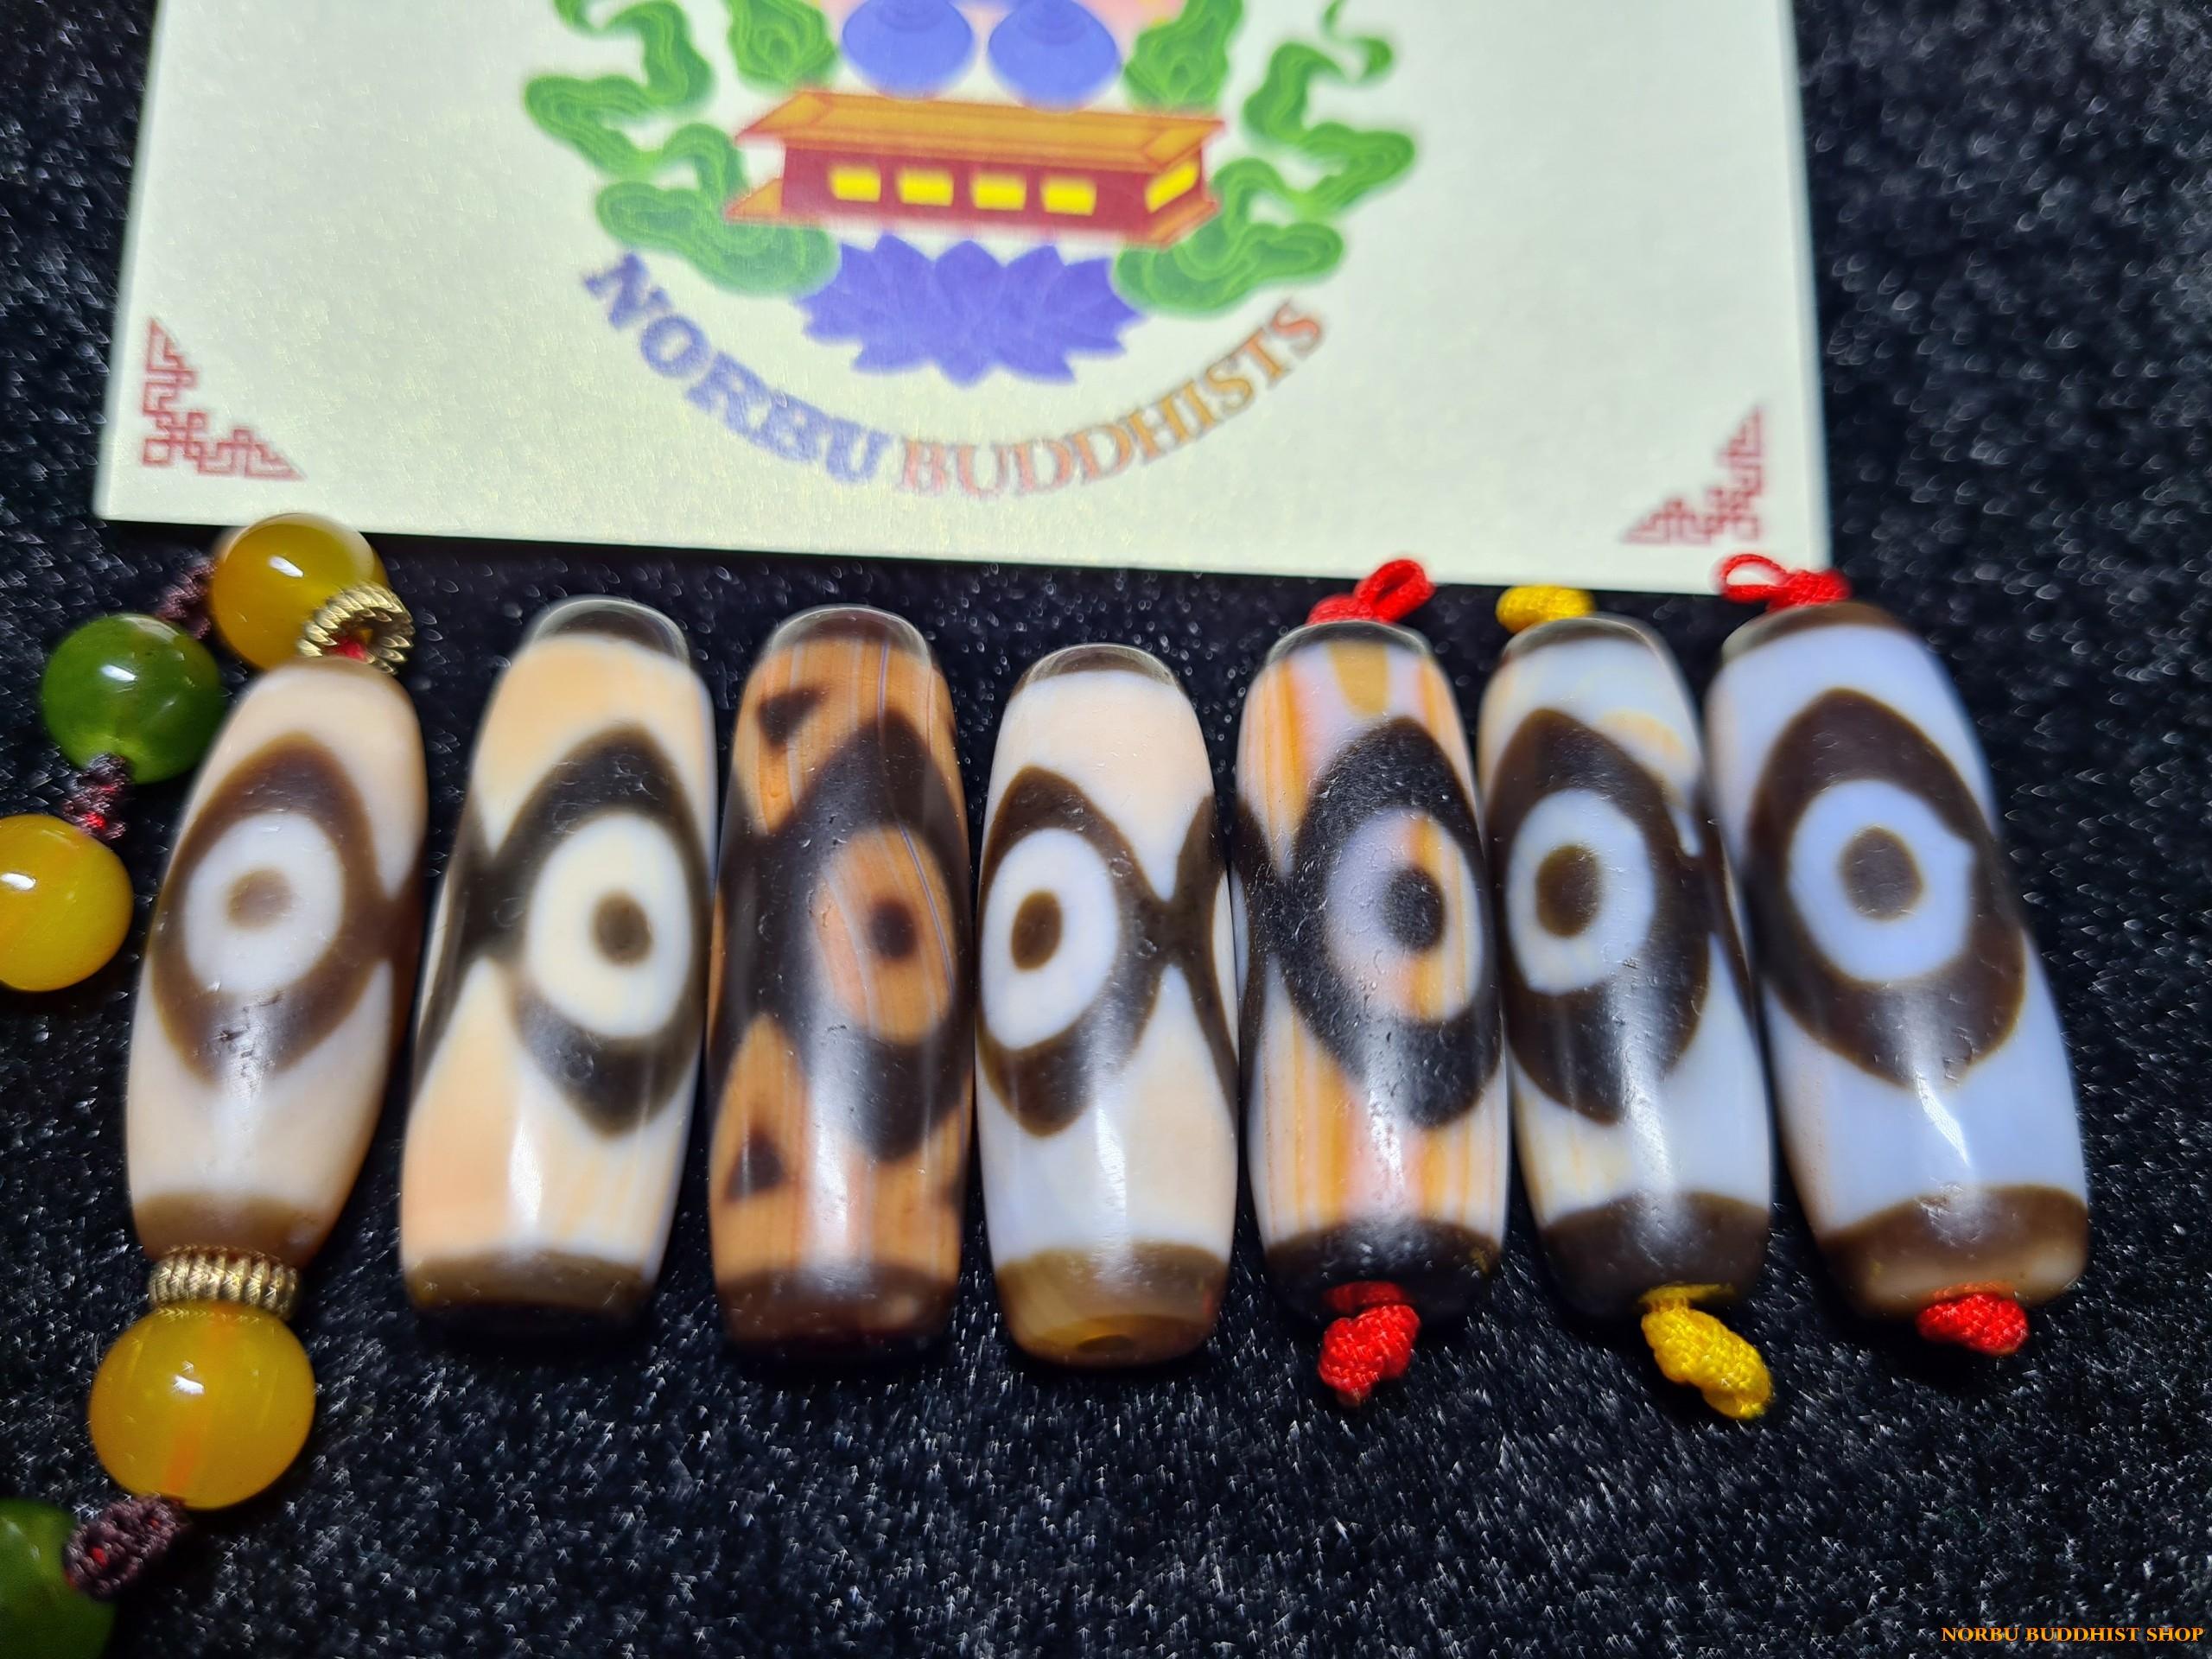 Tổng hợp kiến thức về đá dzi bead - thiên châu Tây Tạng đang được săn tìm tại Việt Nam 8